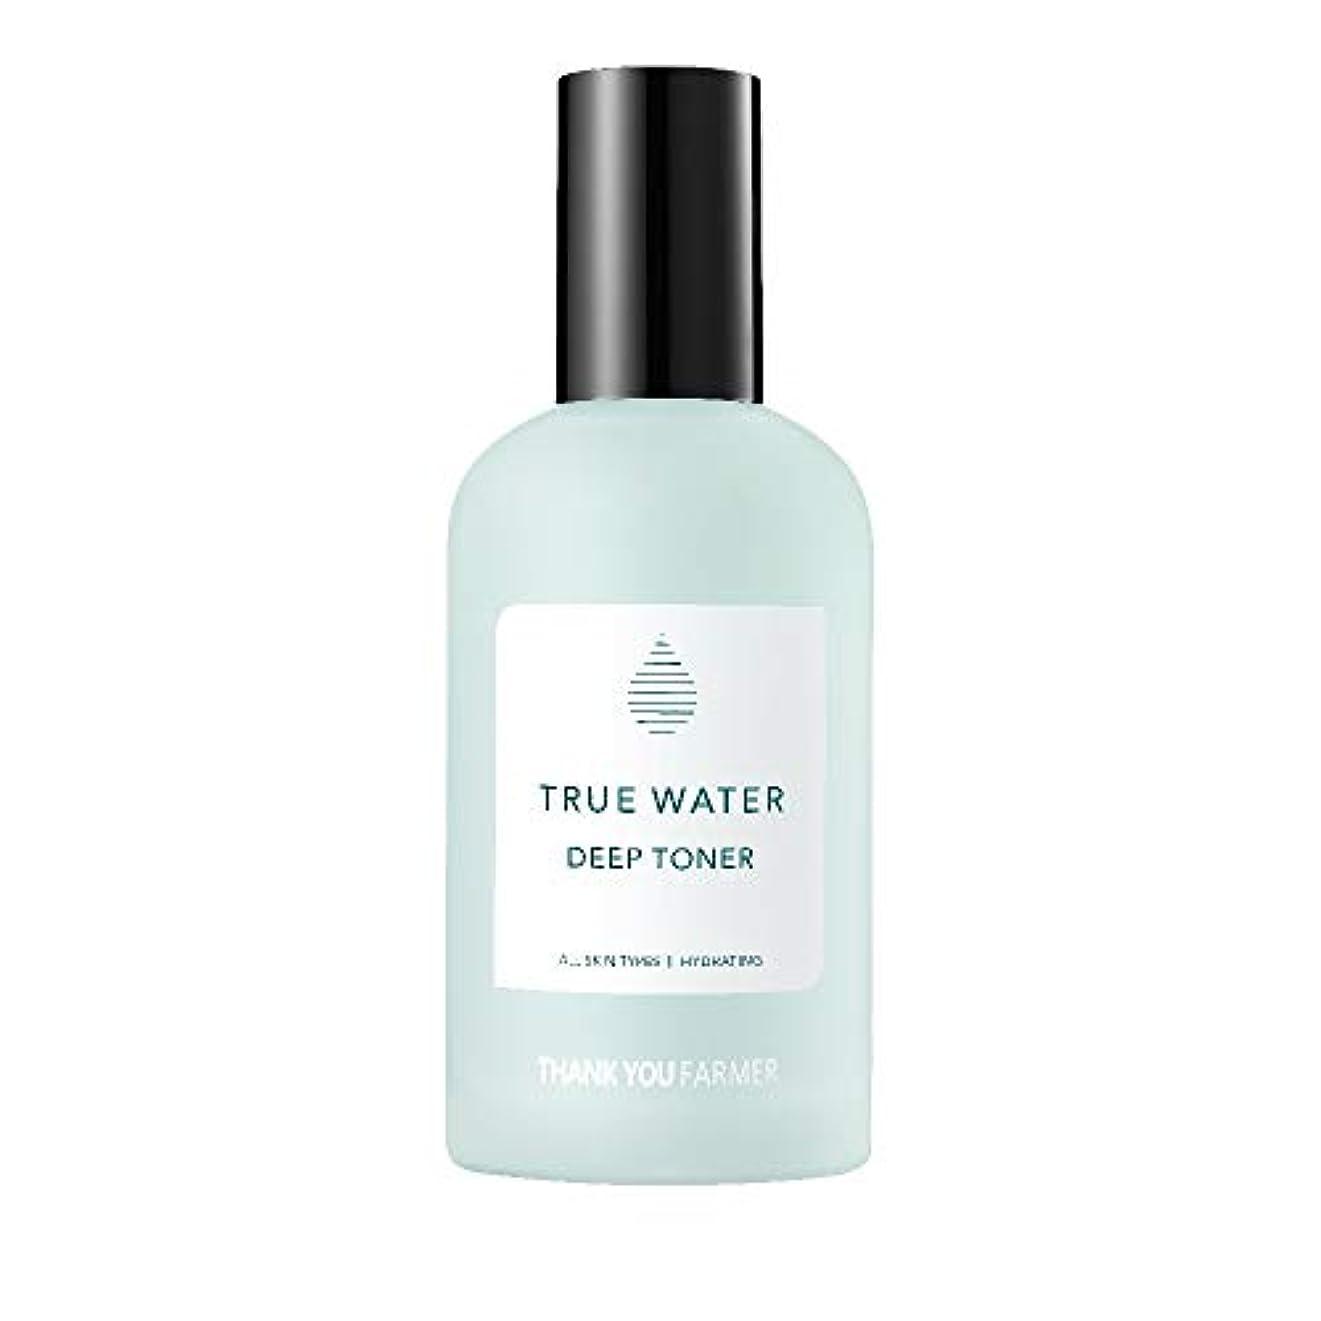 落とし穴ブレーキマオリTHANK YOU FARMER [サンキューファーマー] トゥルーウォーター ディープ トナー 化粧水